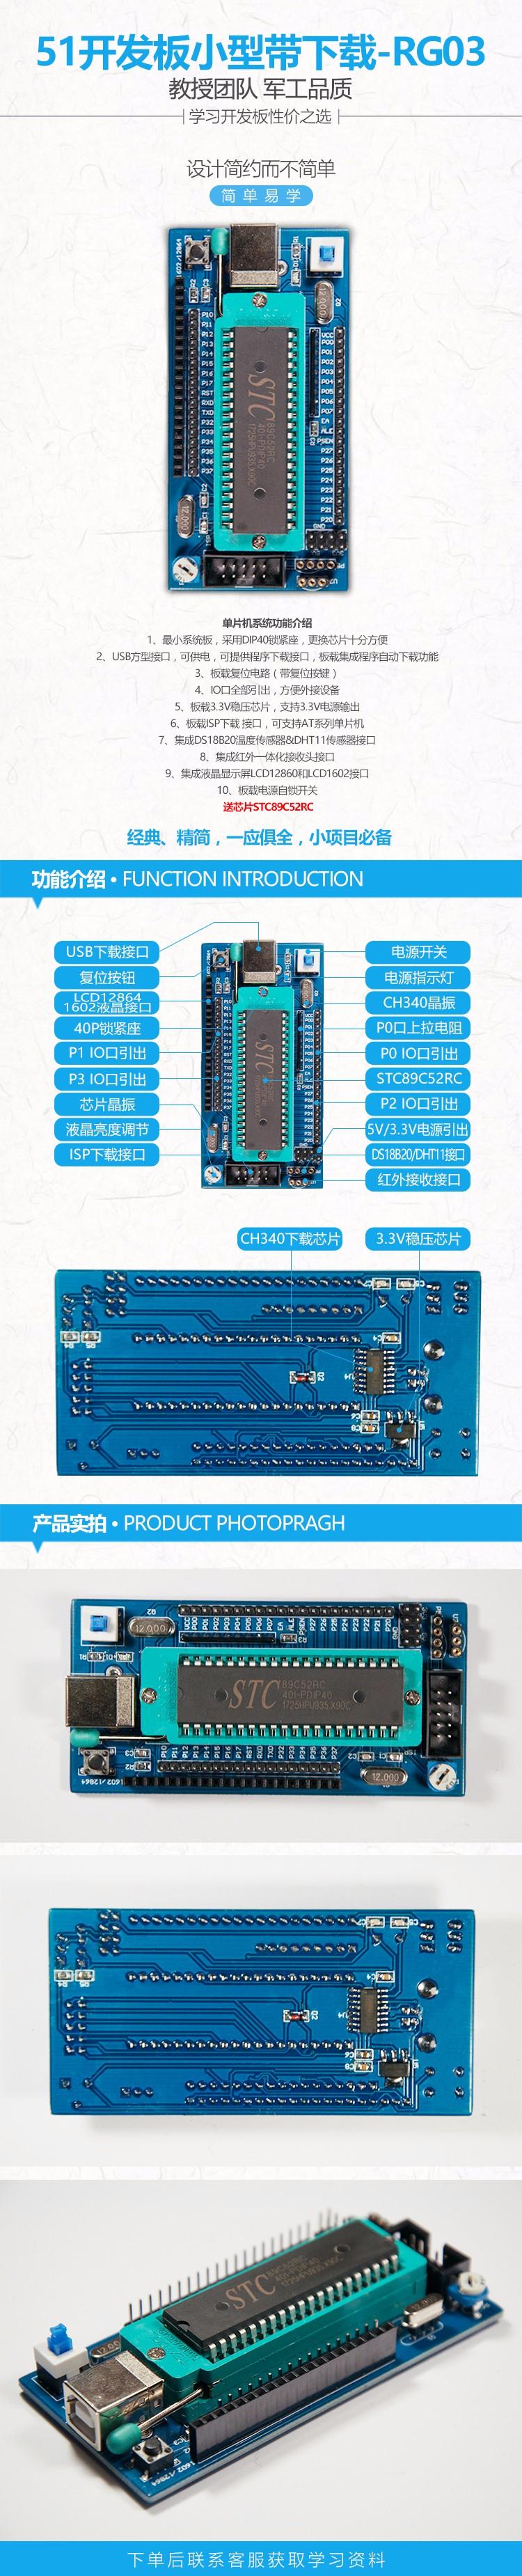 51开发板-RG03.jpg